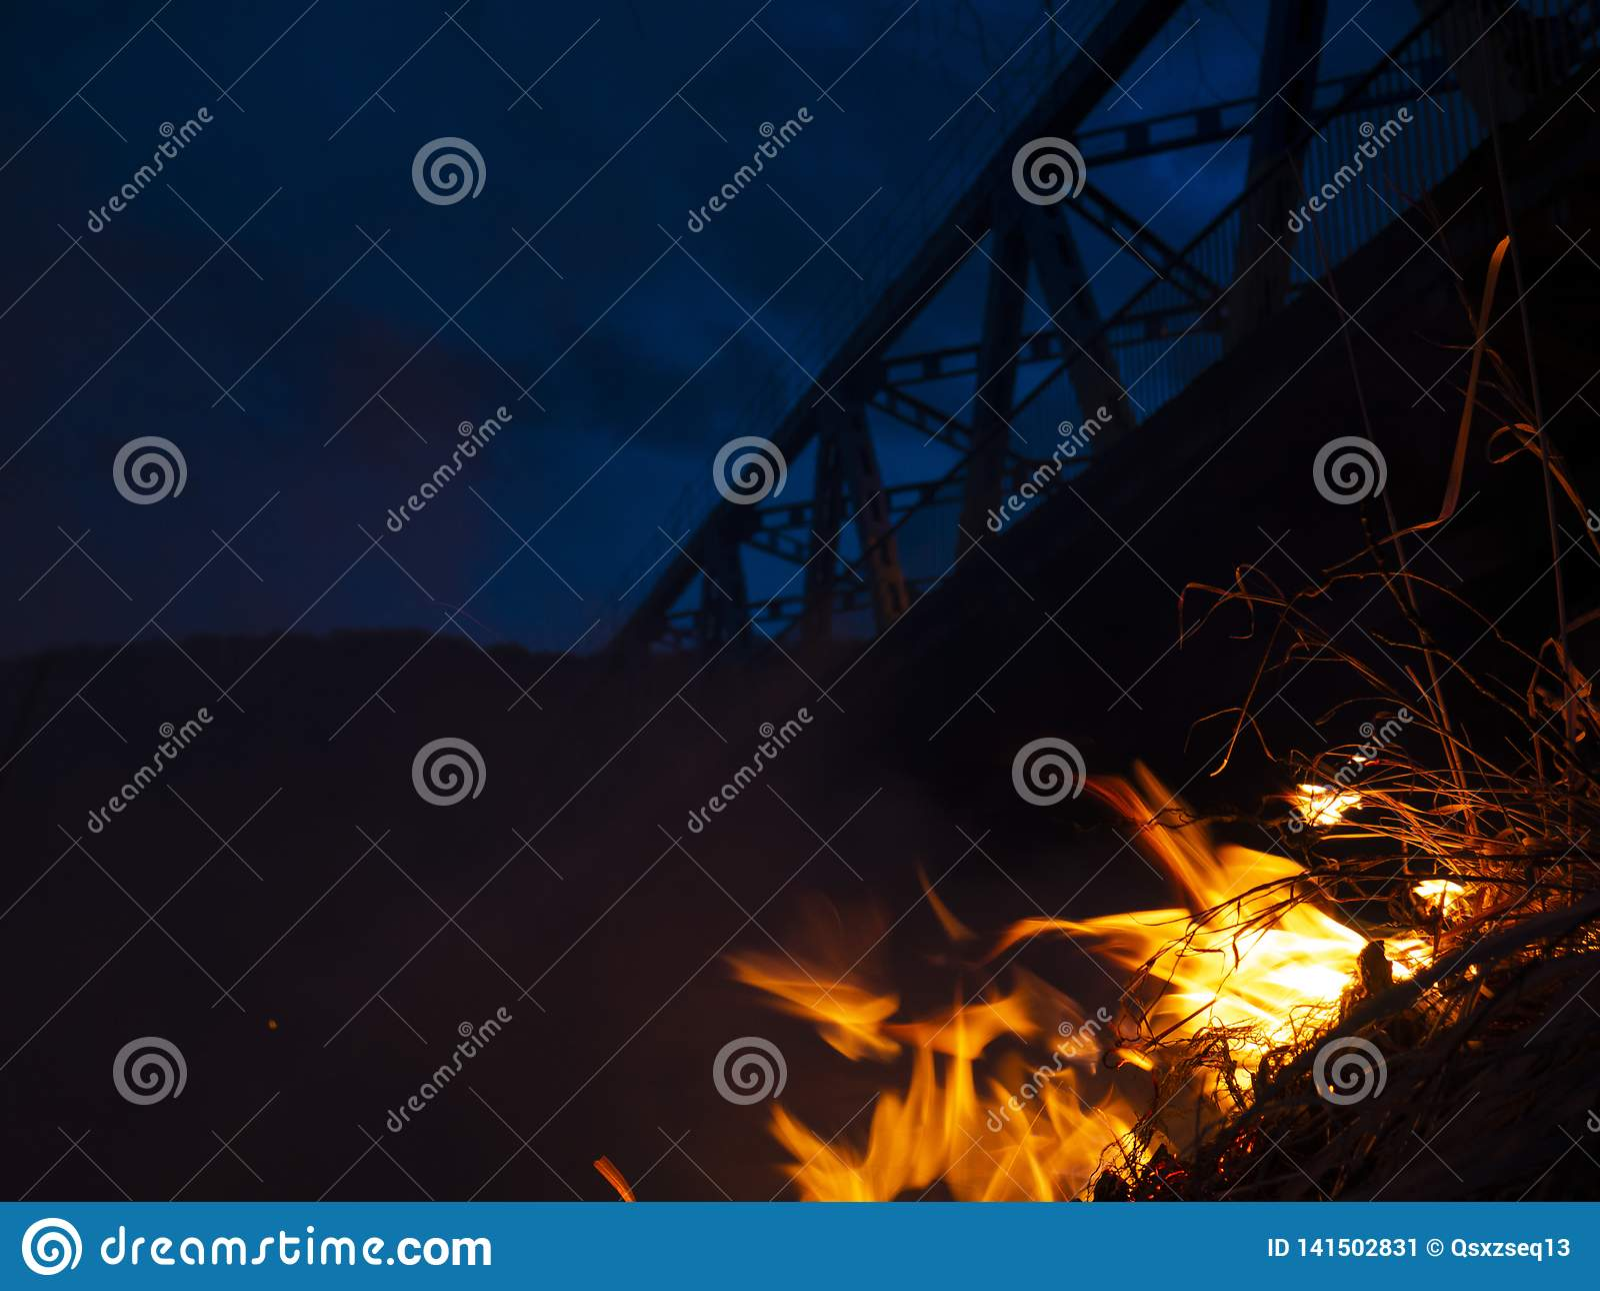 Fuego incendio fuera de control, bosque ardiente del pino en el humo y llamas